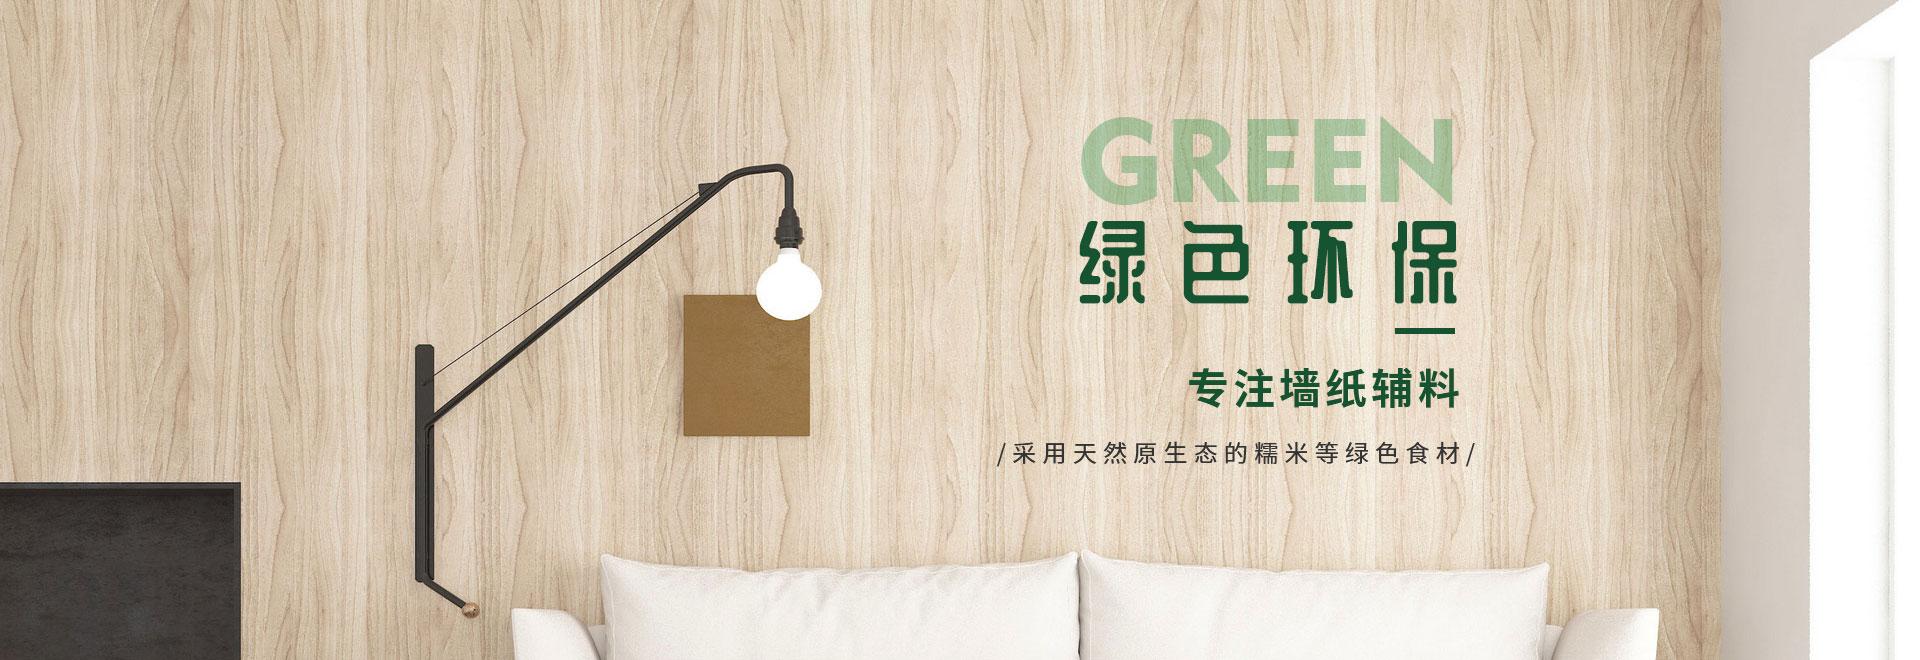 陕西墙纸万博app最新版